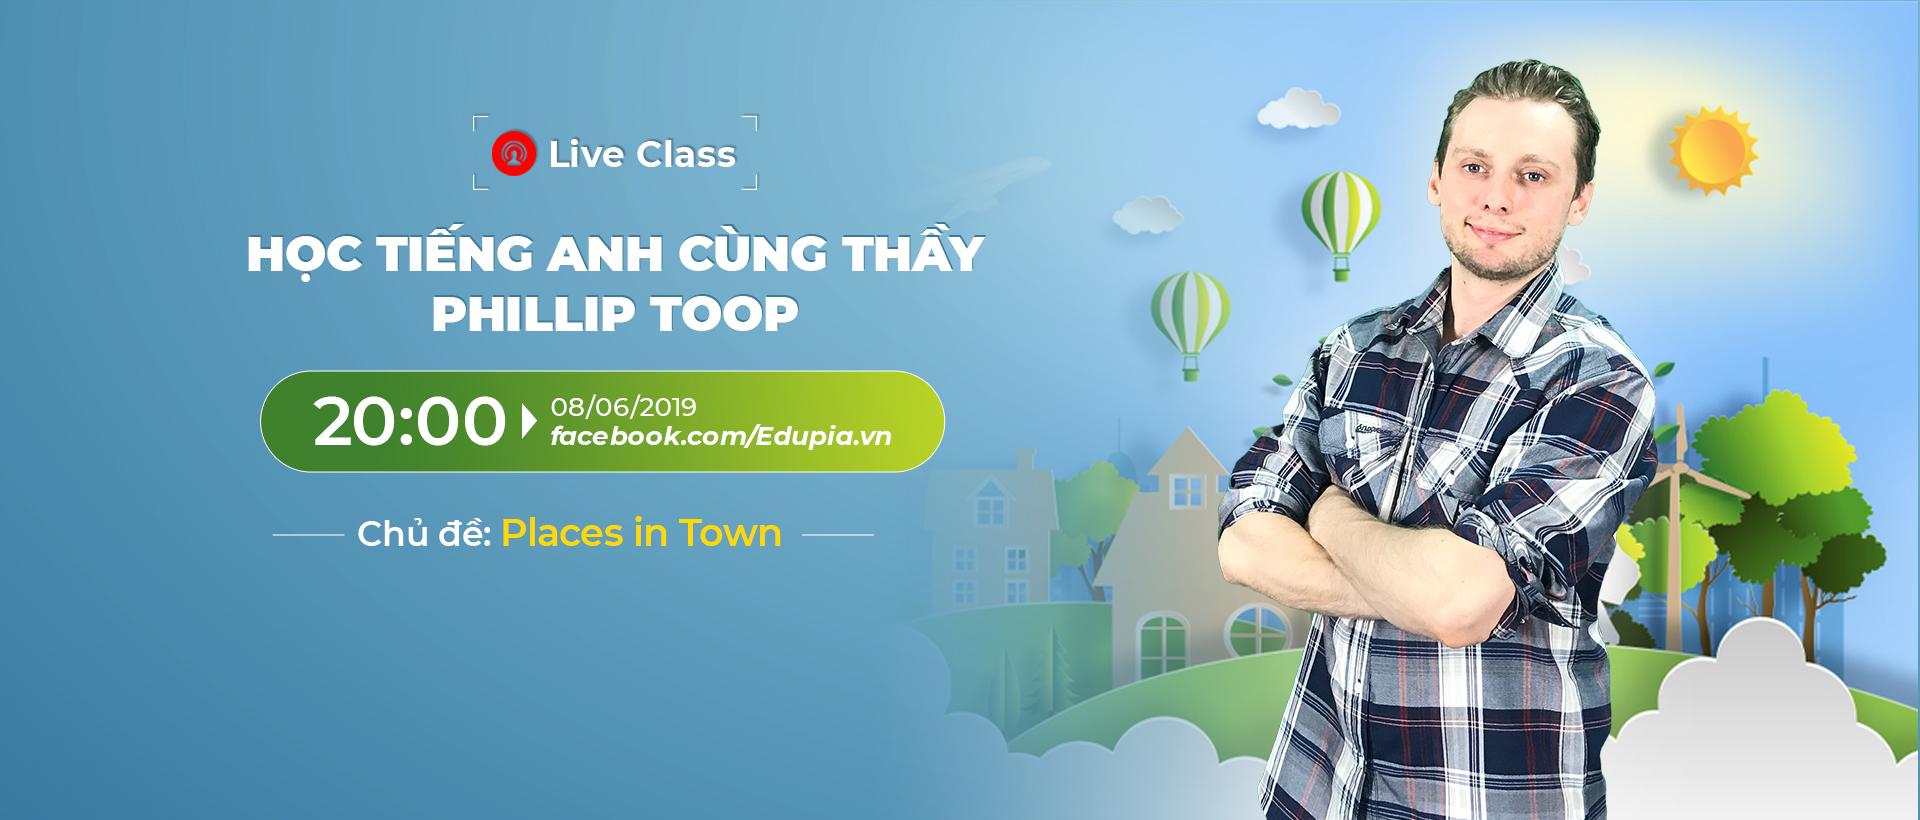 Live class tuần 7 - Chủ đề: Các địa điểm trong thị trấn